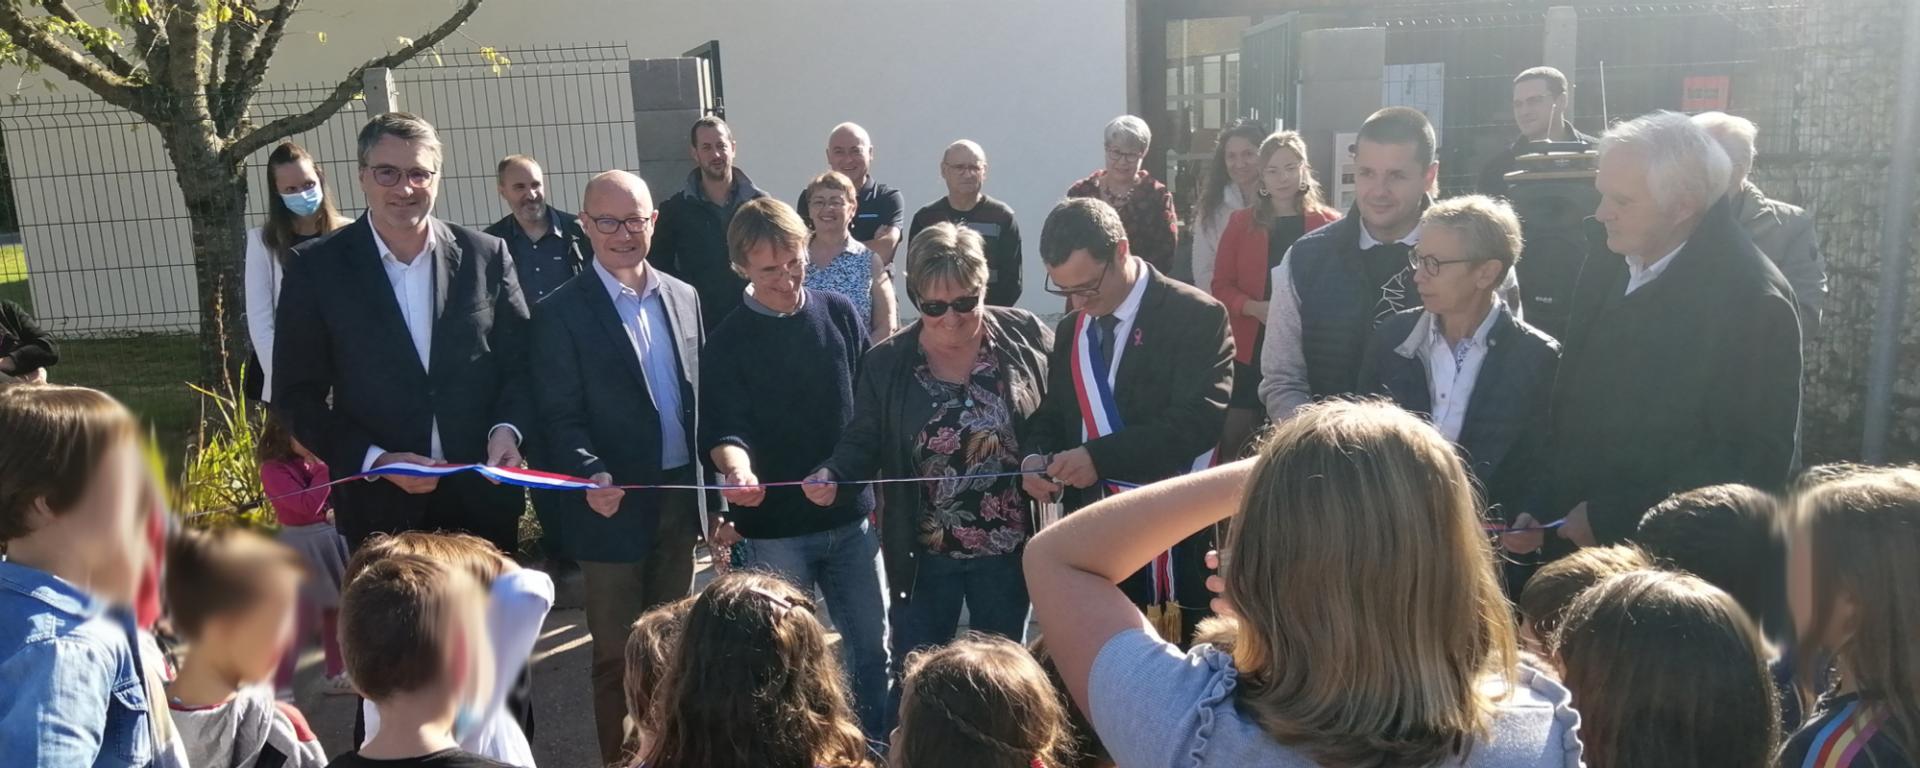 Inauguration ecole de queuil st genes de fronsac